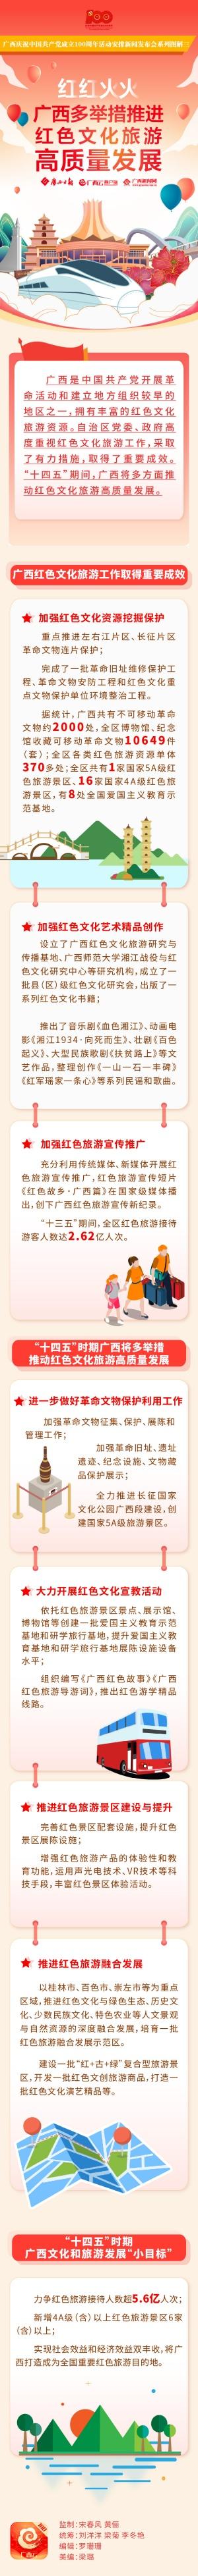 图解 红红火火 广西多举措推进红色旅游高质量发展